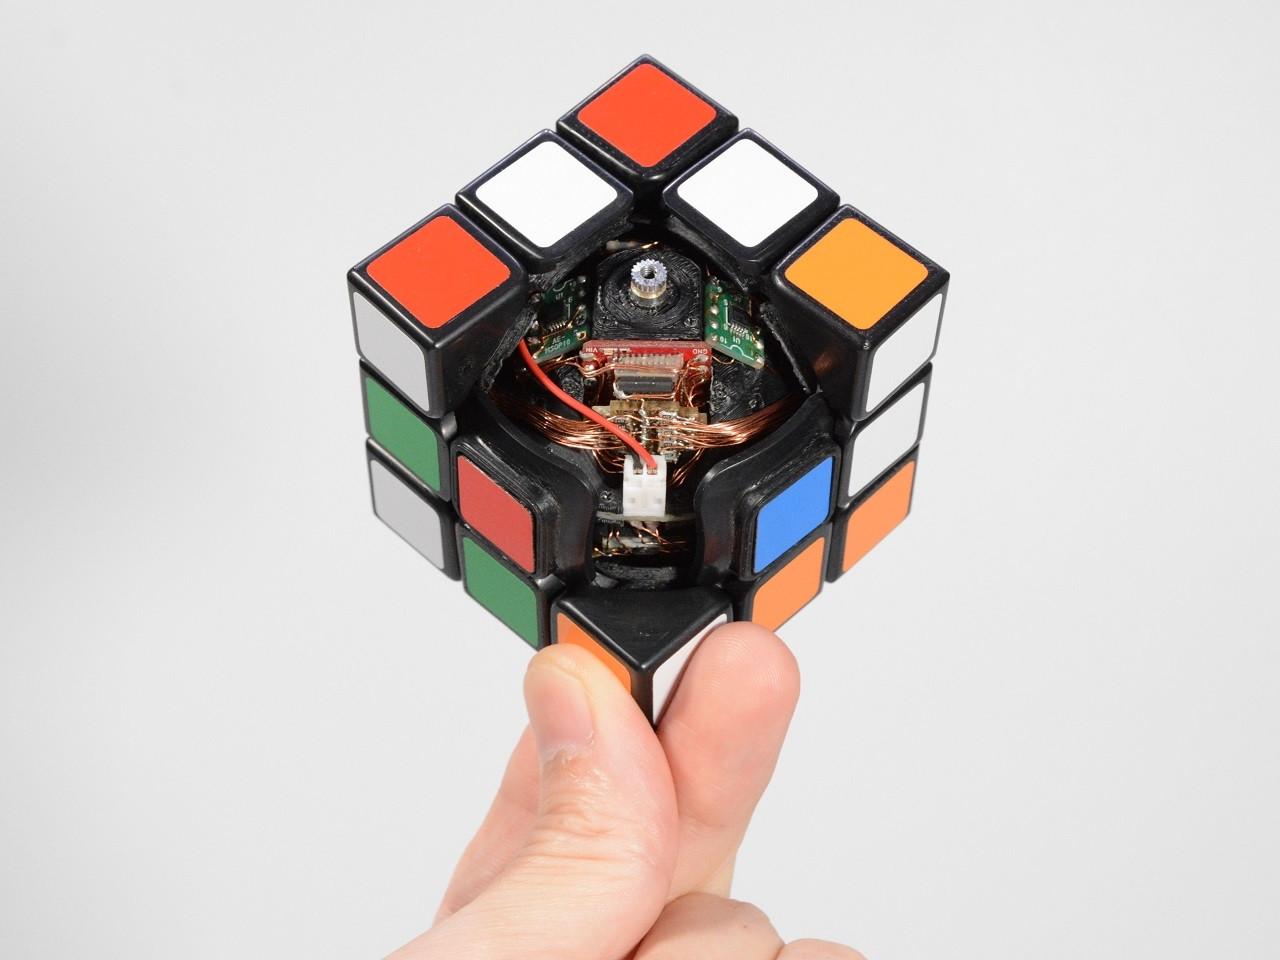 Self solving Rubik's cube: Dieser Zauberwürfel löst sich selbst